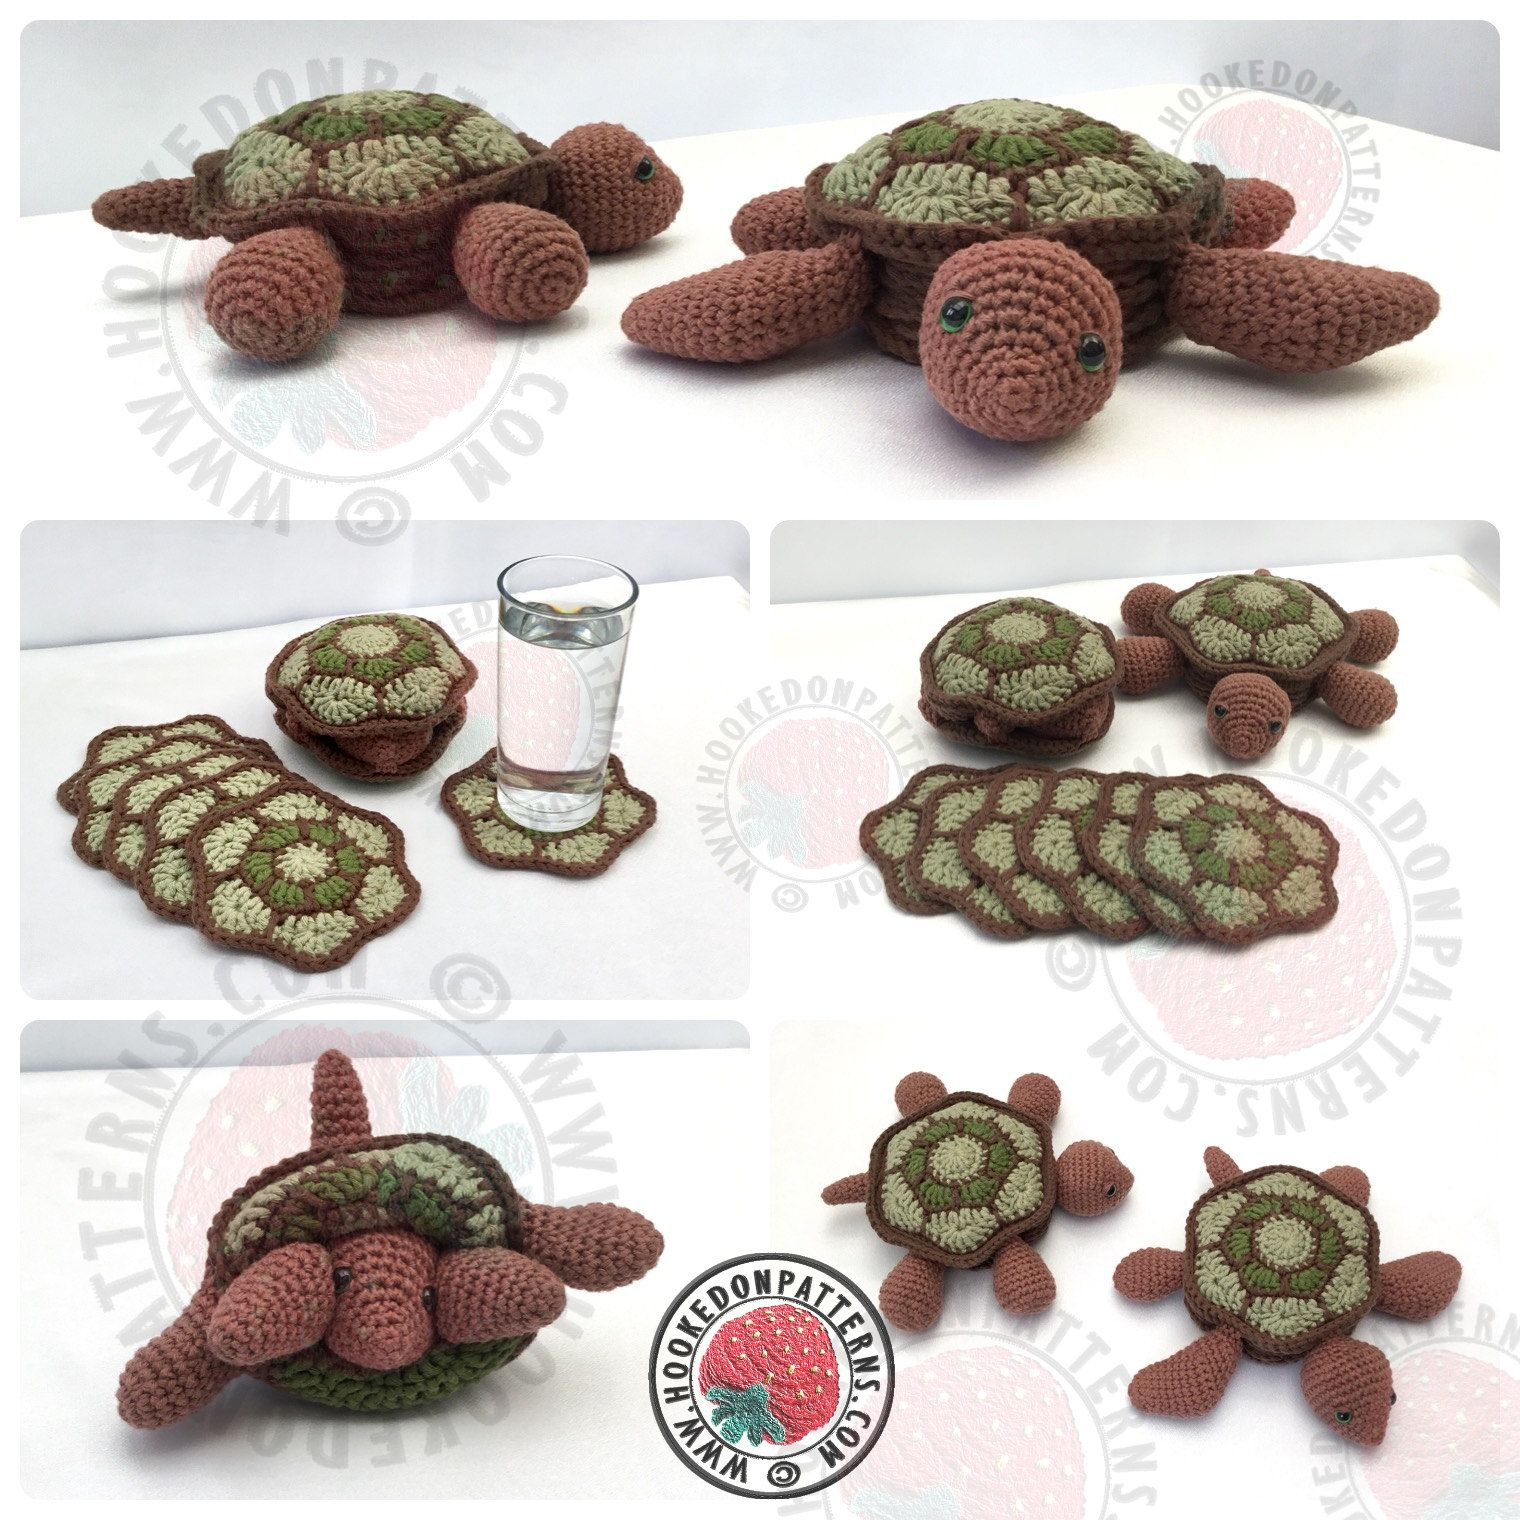 3885535e351d586769095d3dad953fb8 Frais De Aquarium A tortue Concept